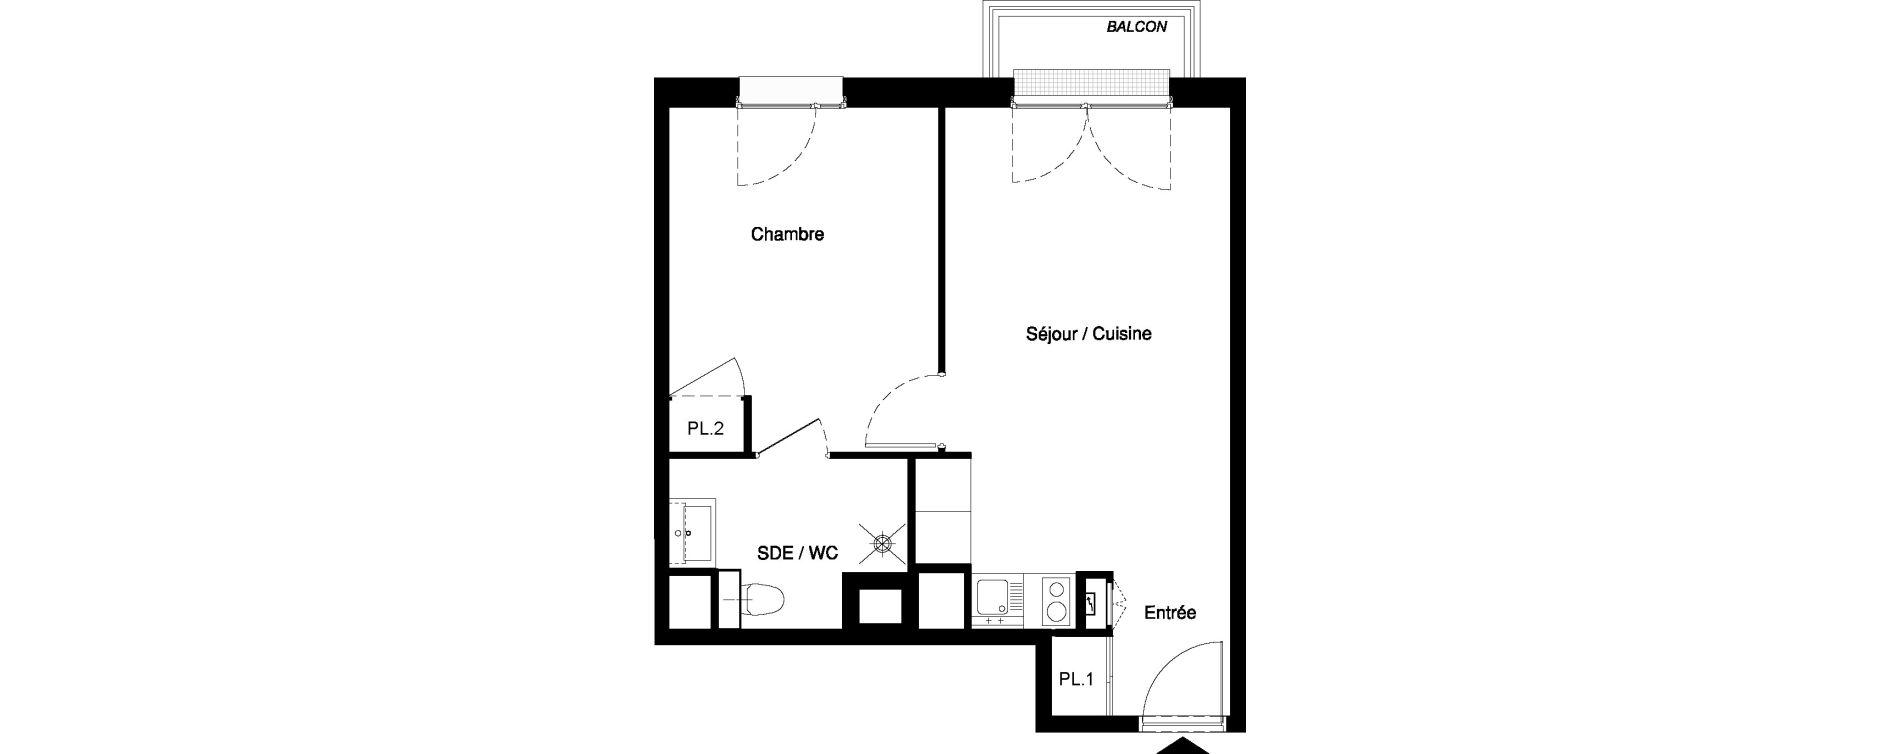 Appartement T2 meublé de 38,61 m2 à Nancy Rives de meurthe